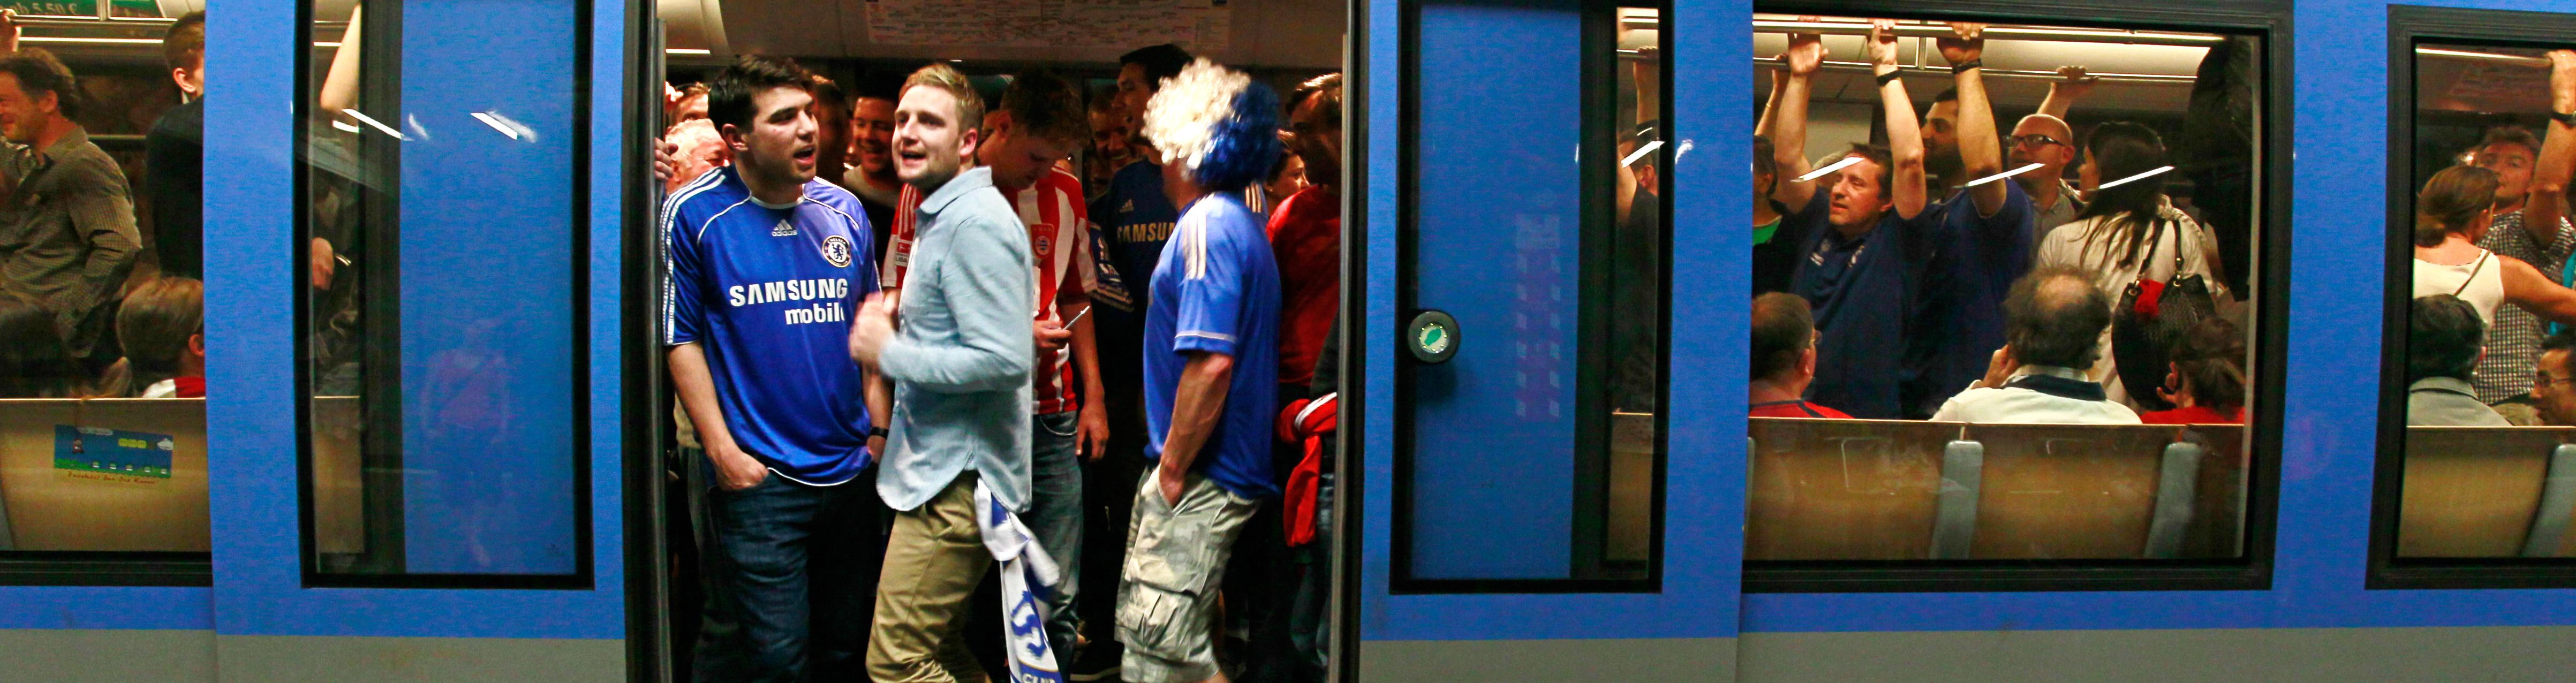 Fussballfans in der Münchner U-Bahn